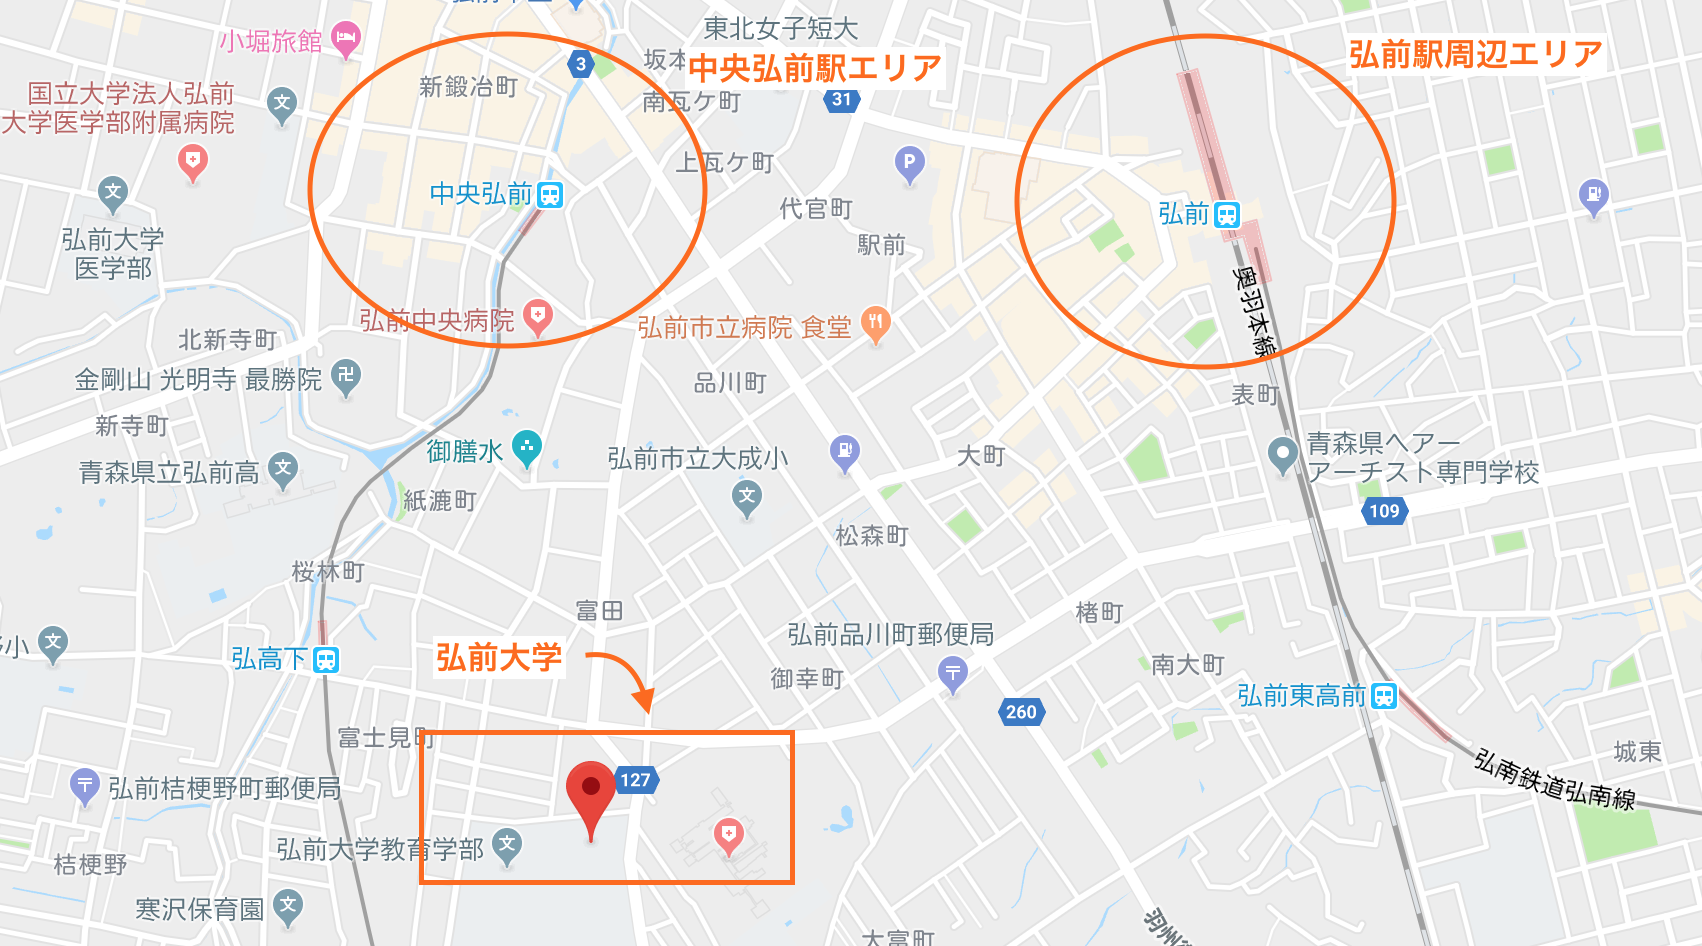 弘前大学周辺の宿泊エリア